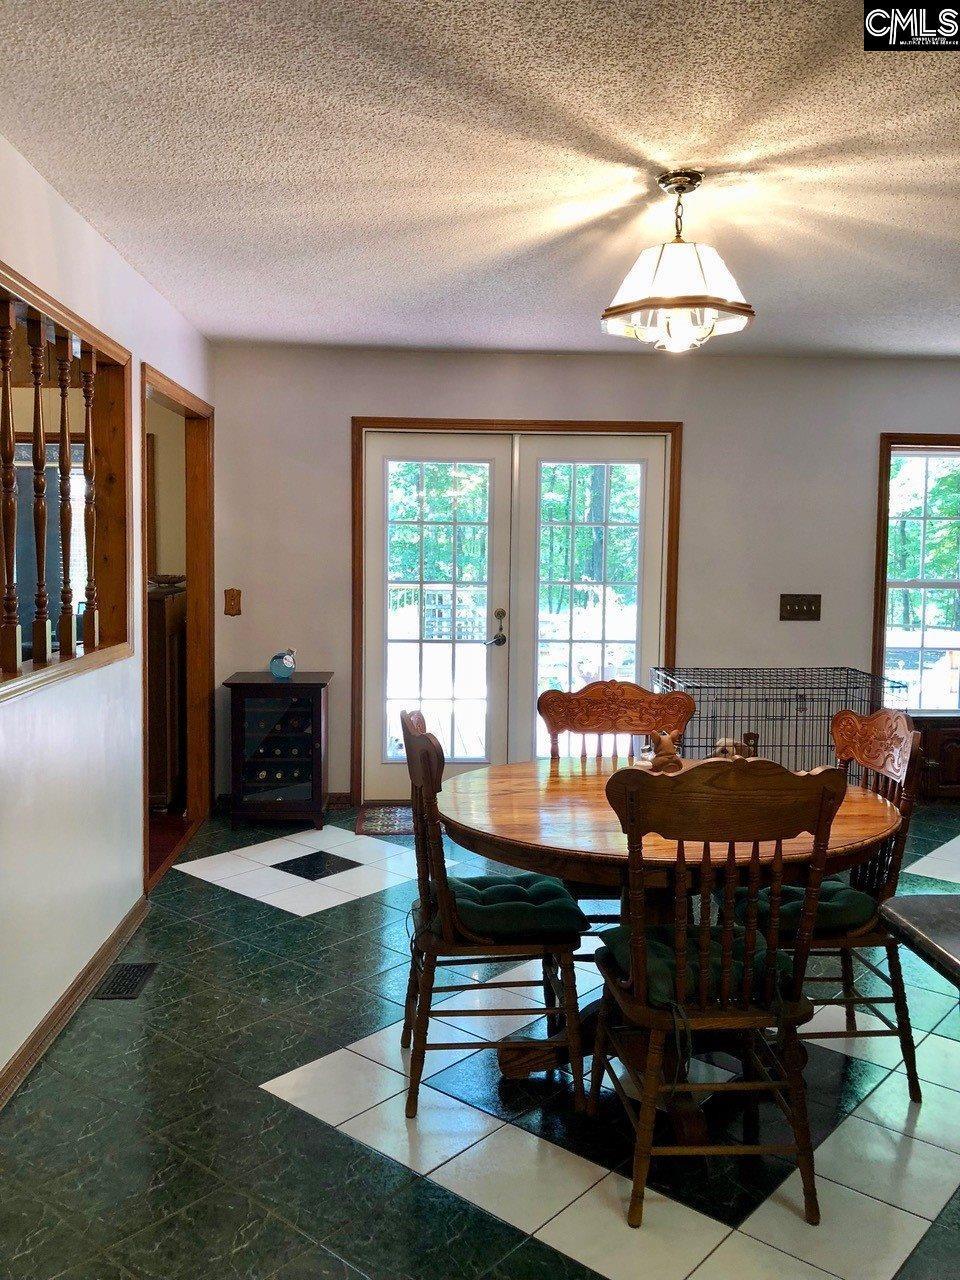 Listing: 211 Lake Ashley Dr., Blythewood, SC.| MLS# 455435 ...